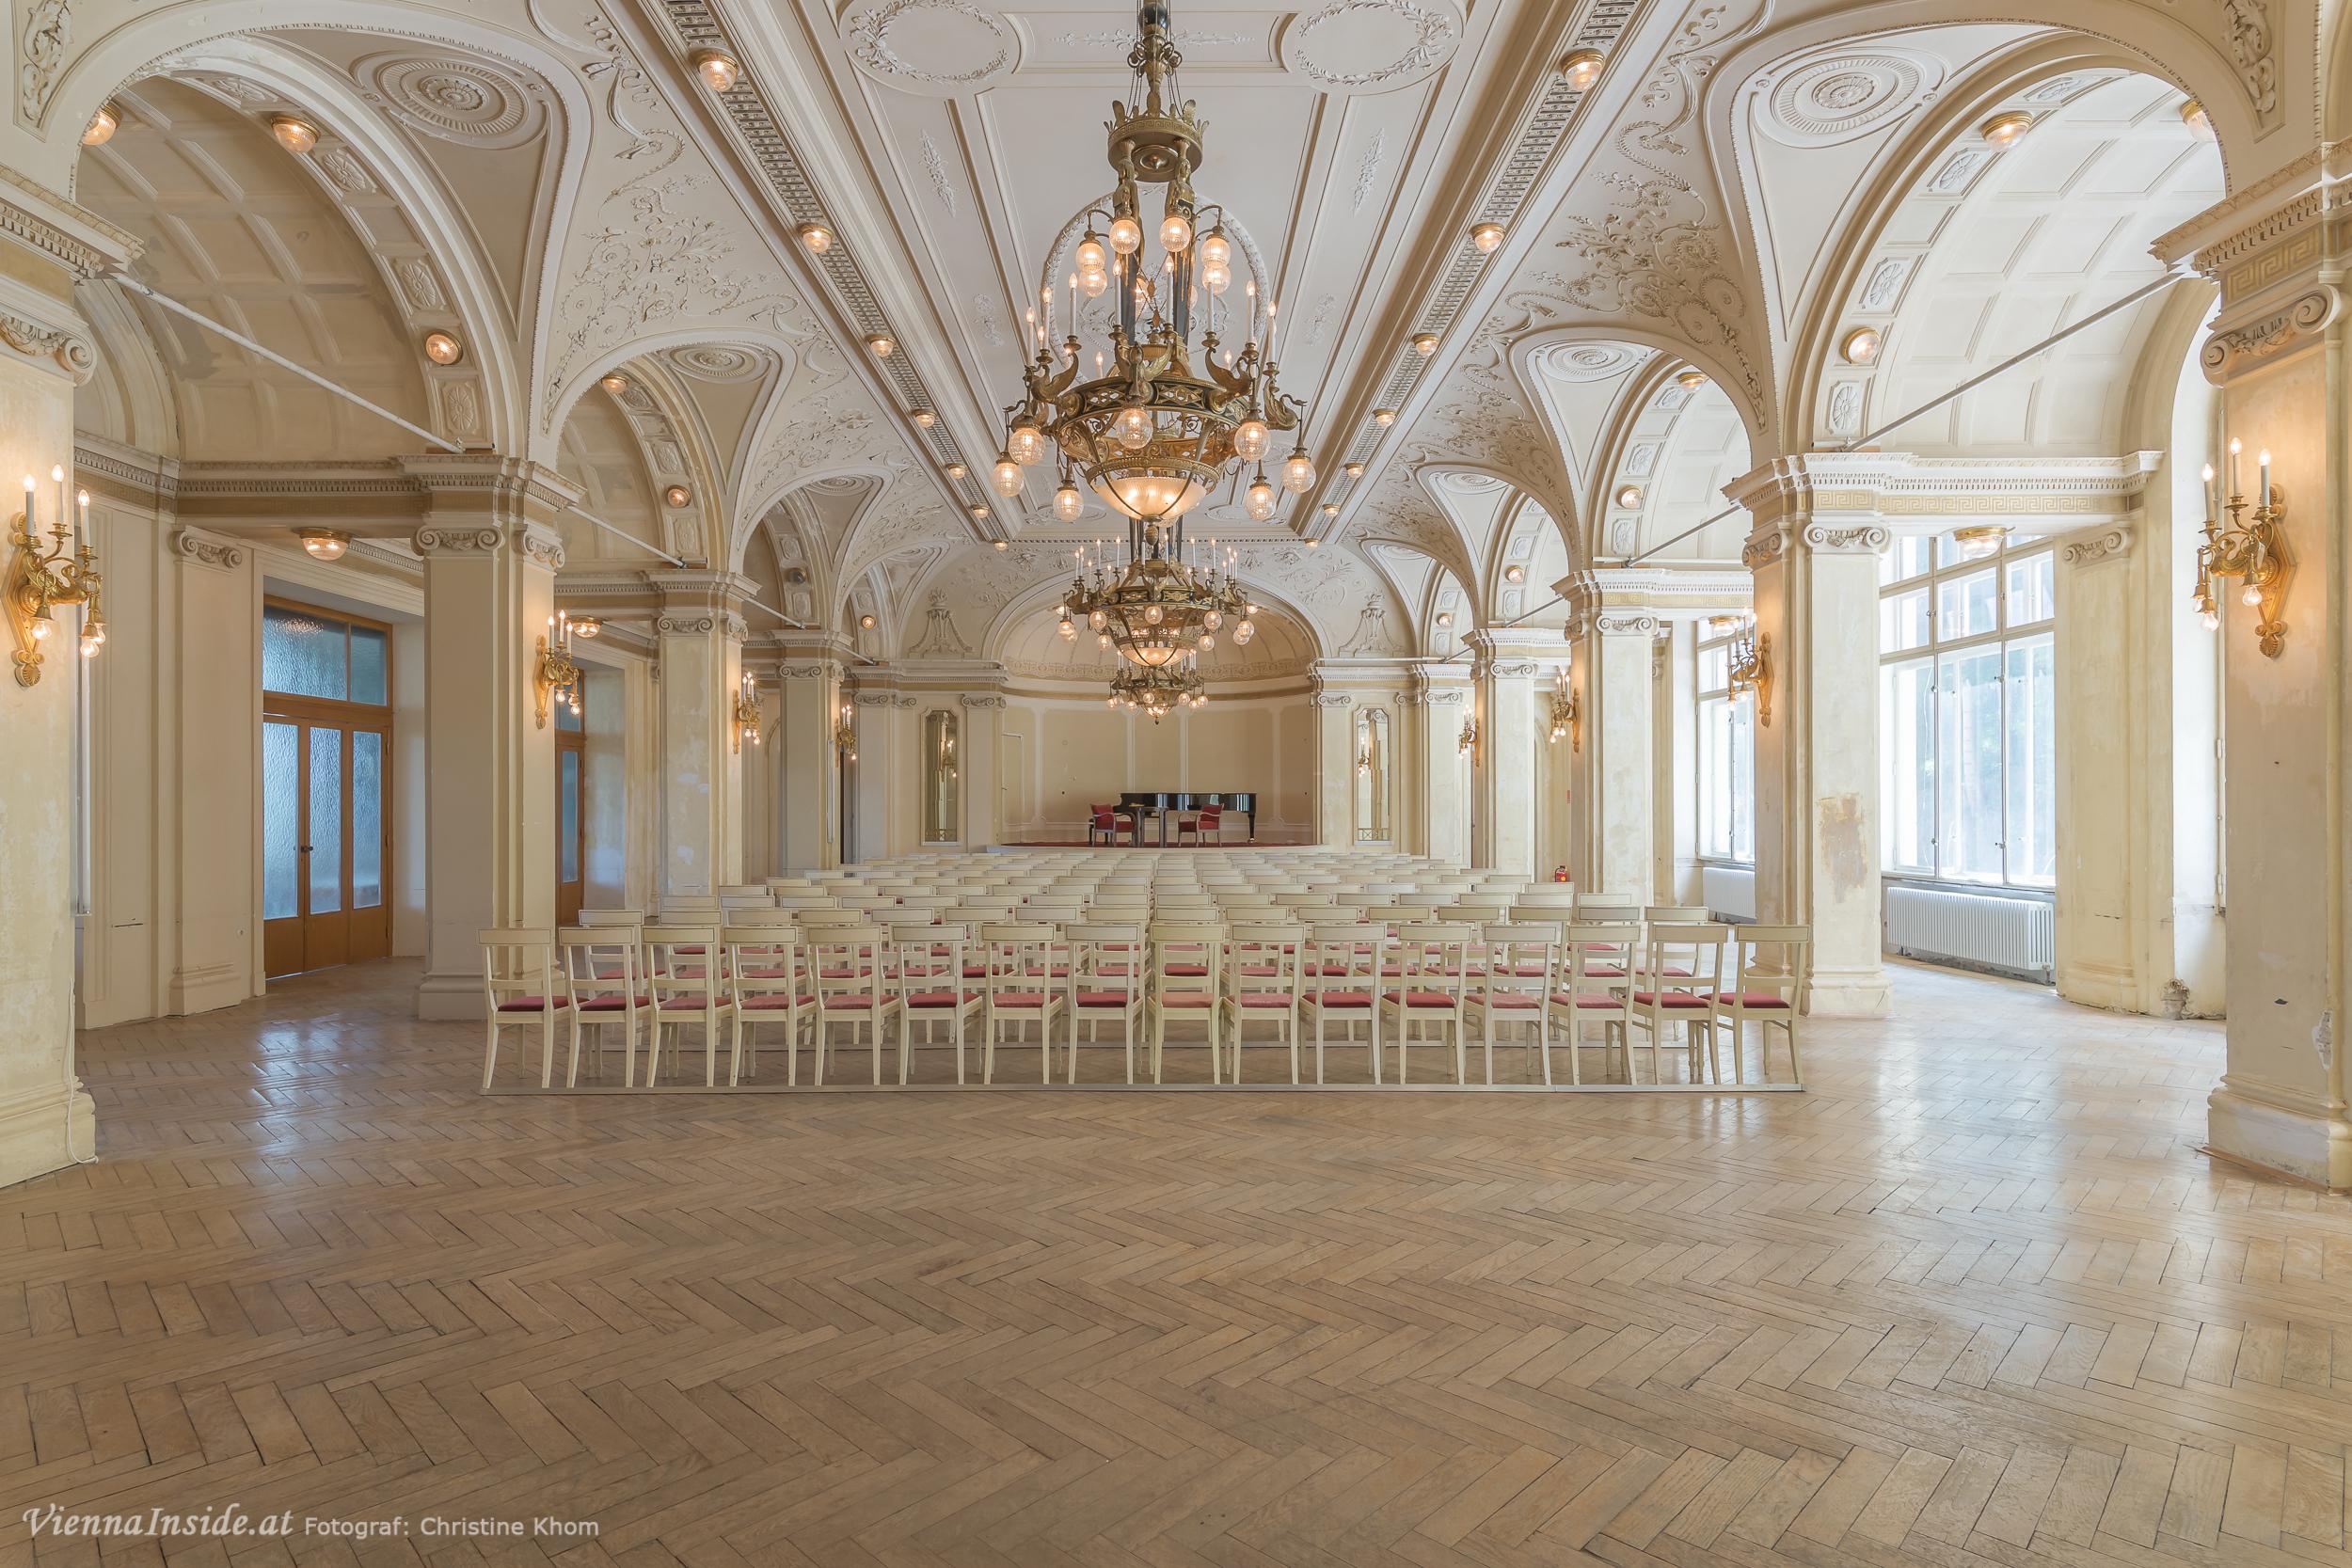 [Image: Kultur-Sommer-Semmering-Suedbahnhotel-6.jpg]